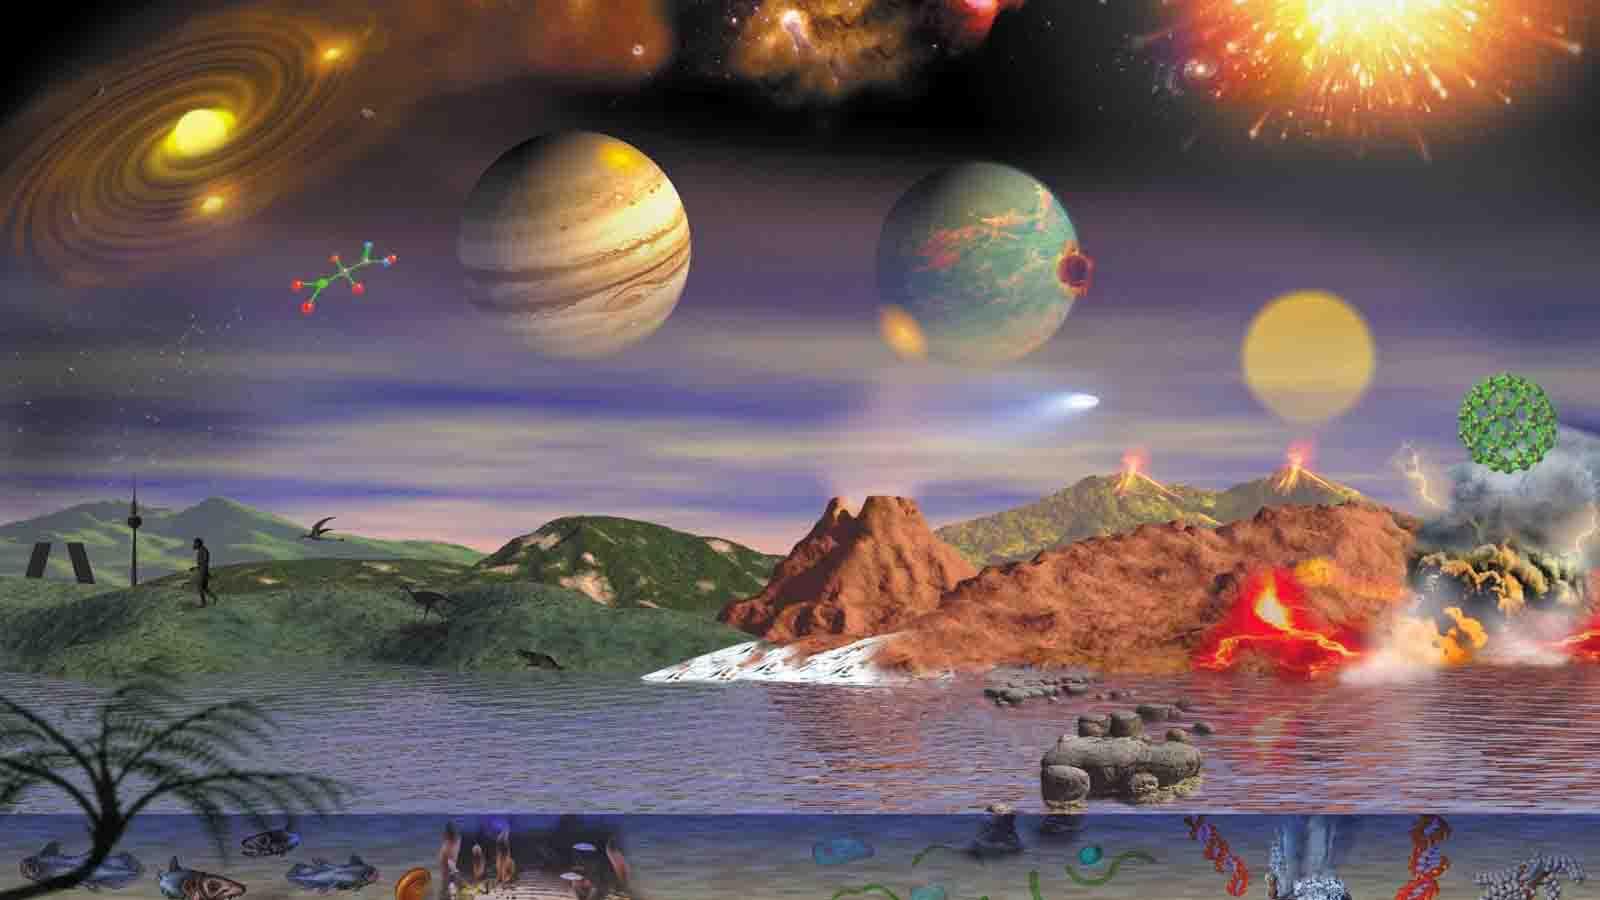 C3 - La vida en el universo - Astrobiología